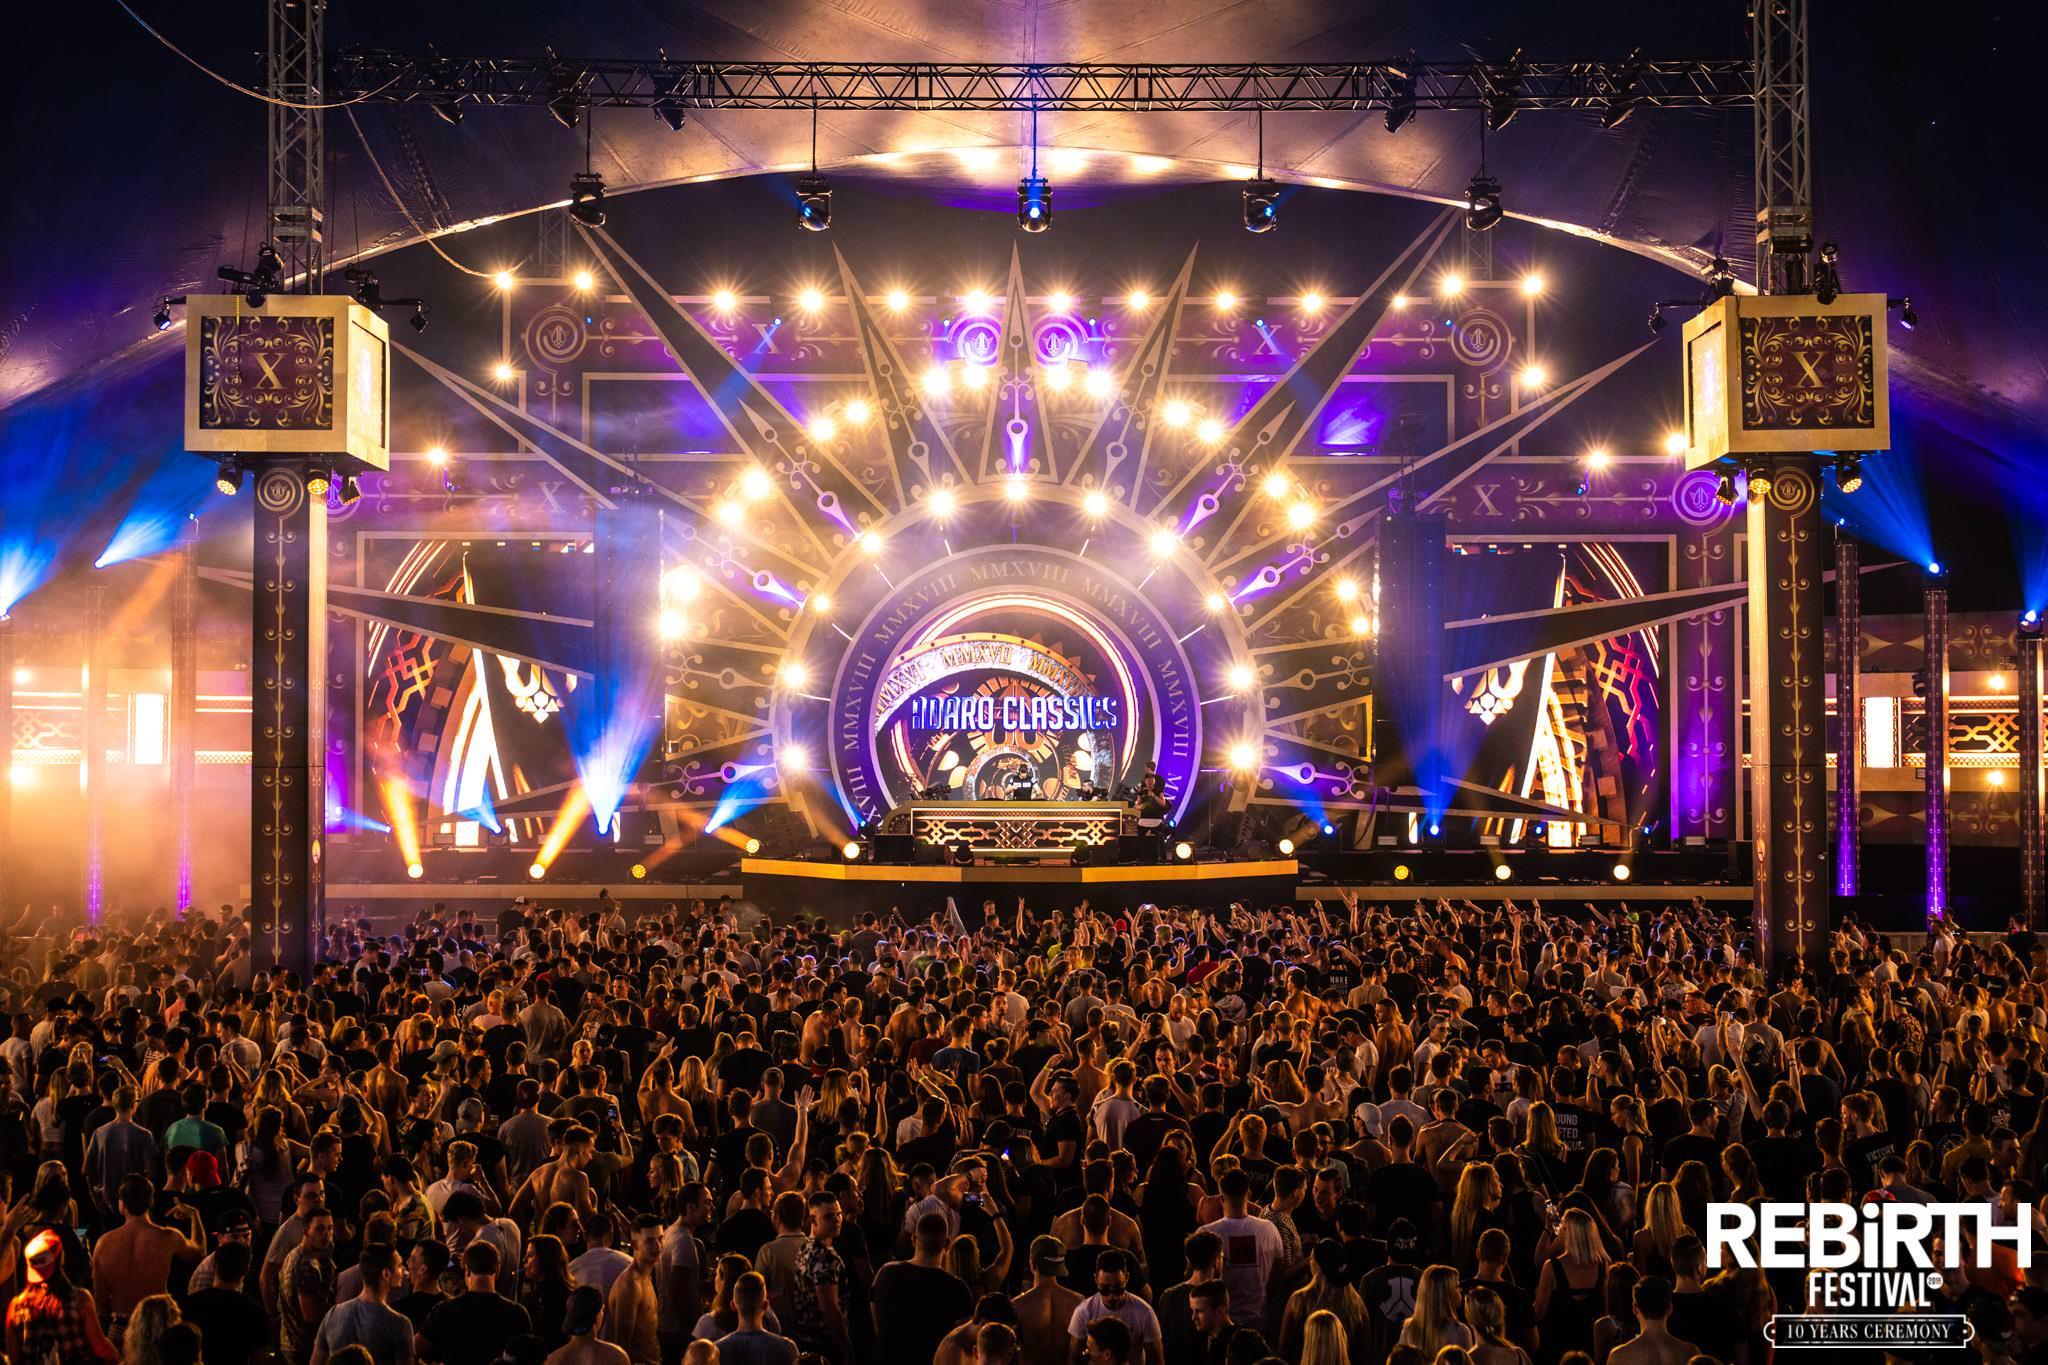 Rebirth Festival 2020